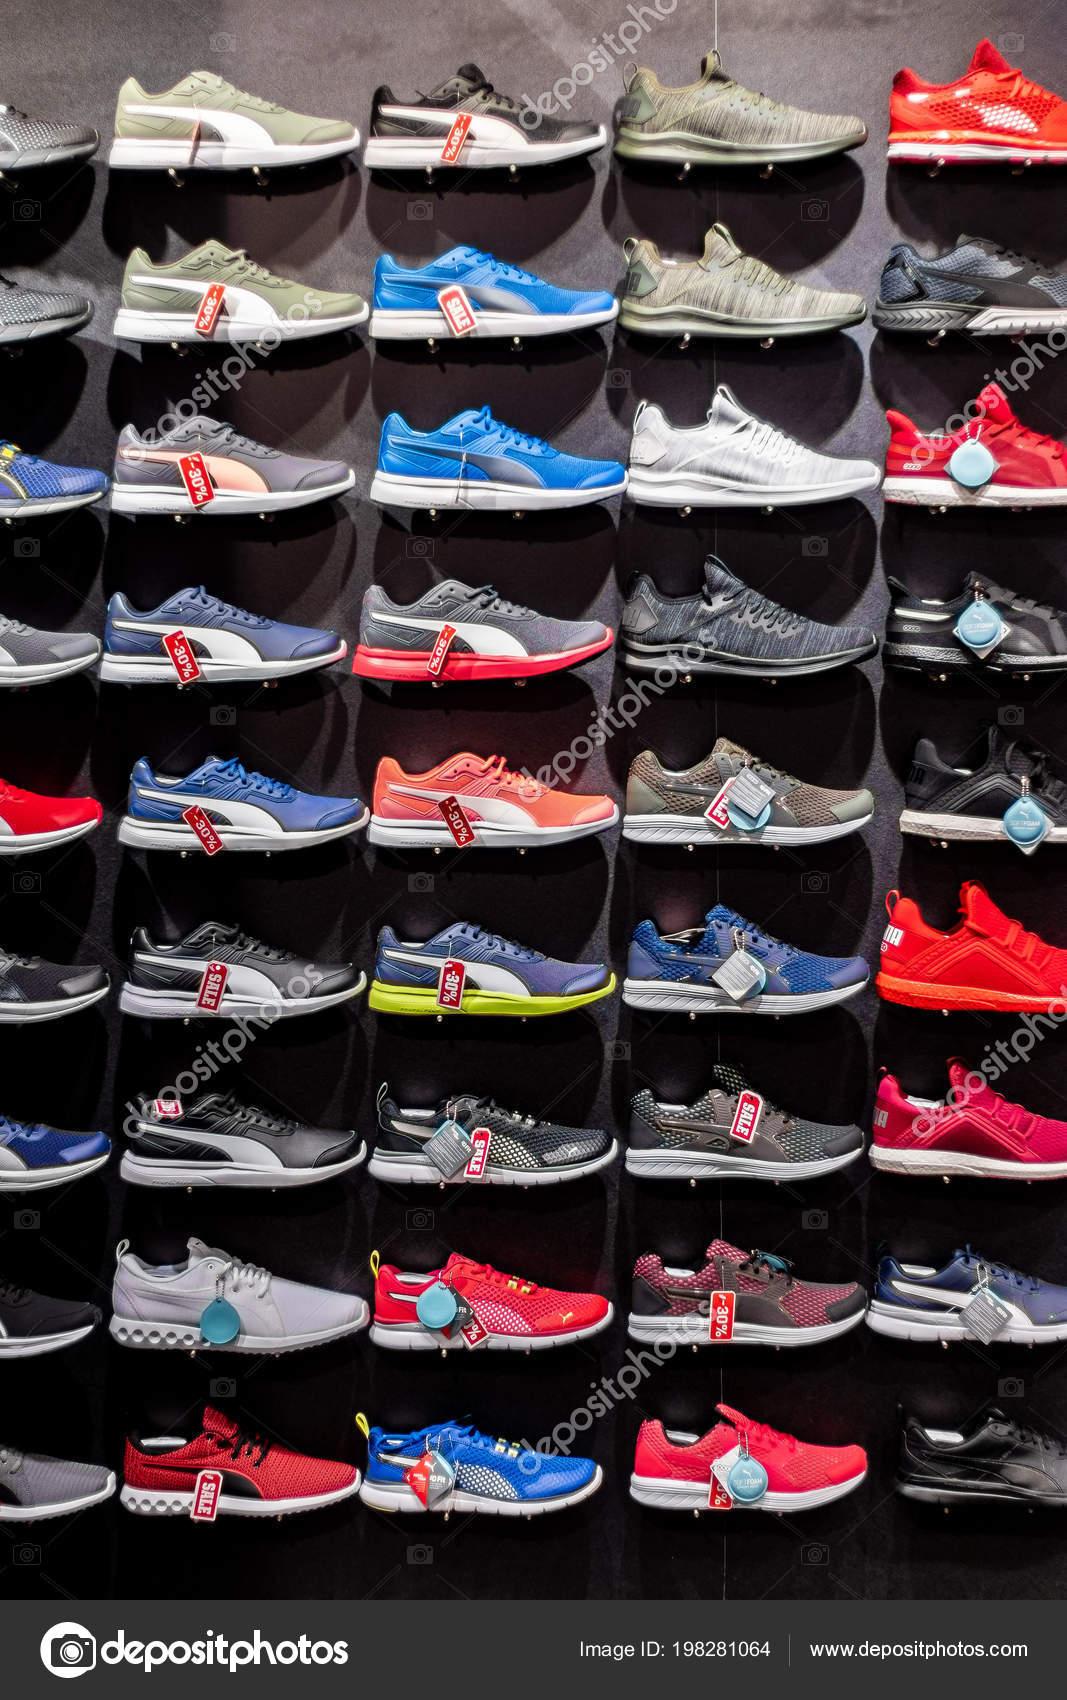 2a6877602fa64 Tienda Calzado Deportivo Zapatillas Diferentes Colores Bulgaria Varna 2018  — Foto de Stock